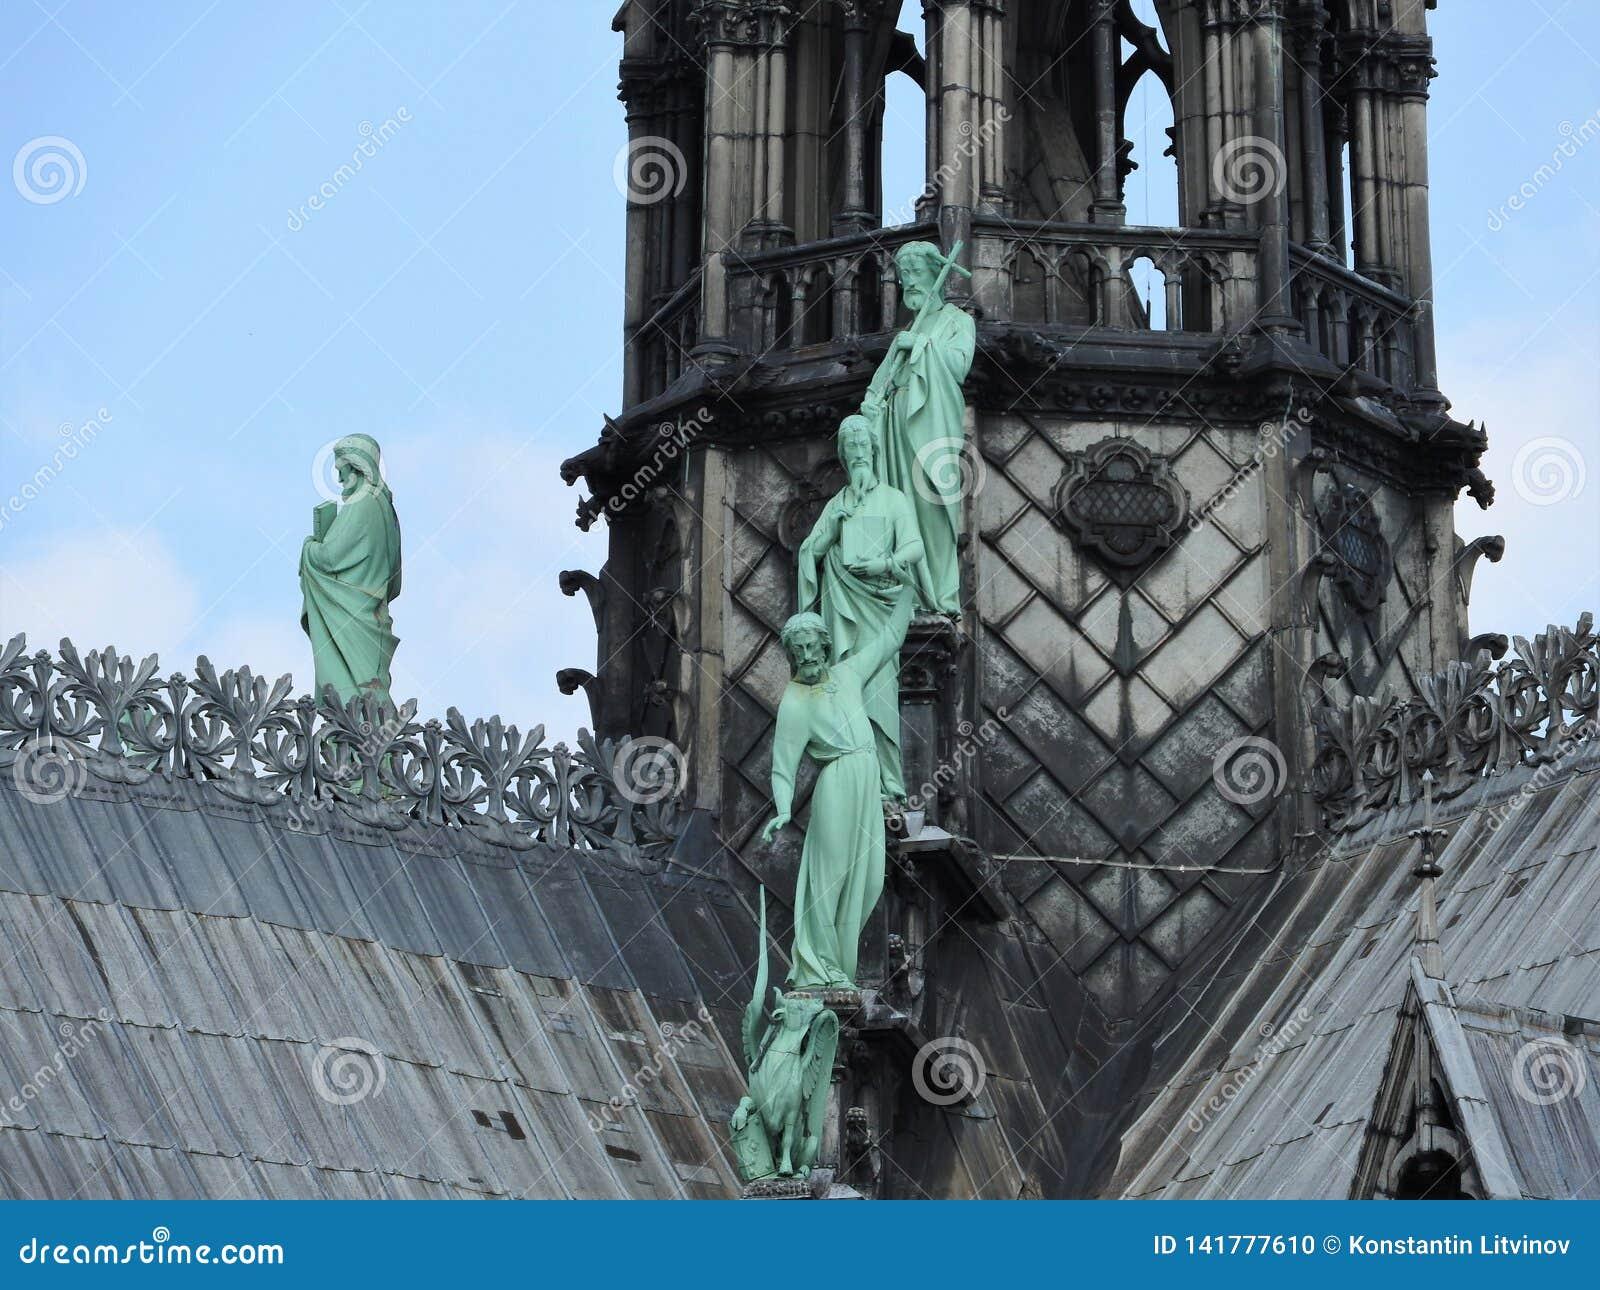 Arkitektoniska detaljer av Notre Dame de Paris Notre Dame Cathedral - den mest berömda gotiska Roman Catholic Cathedral 1163-1345